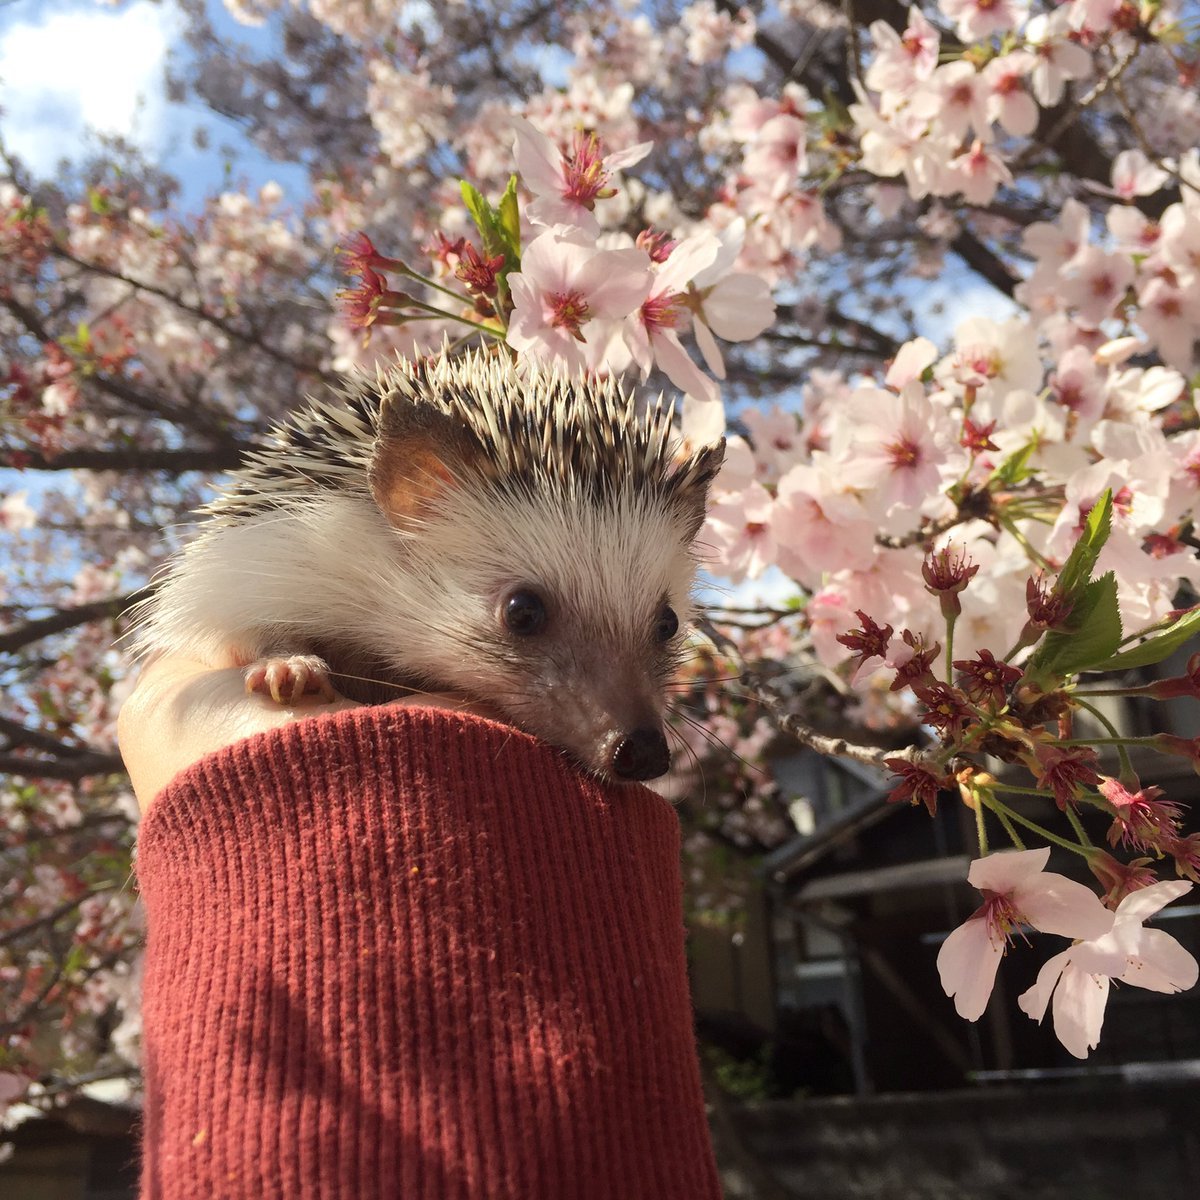 やっとこさ念願のお花見に来れました🌸松太郎は桜吹雪にフシュりながらも、良い写真を撮らせてくれました♡それにしても、風に散